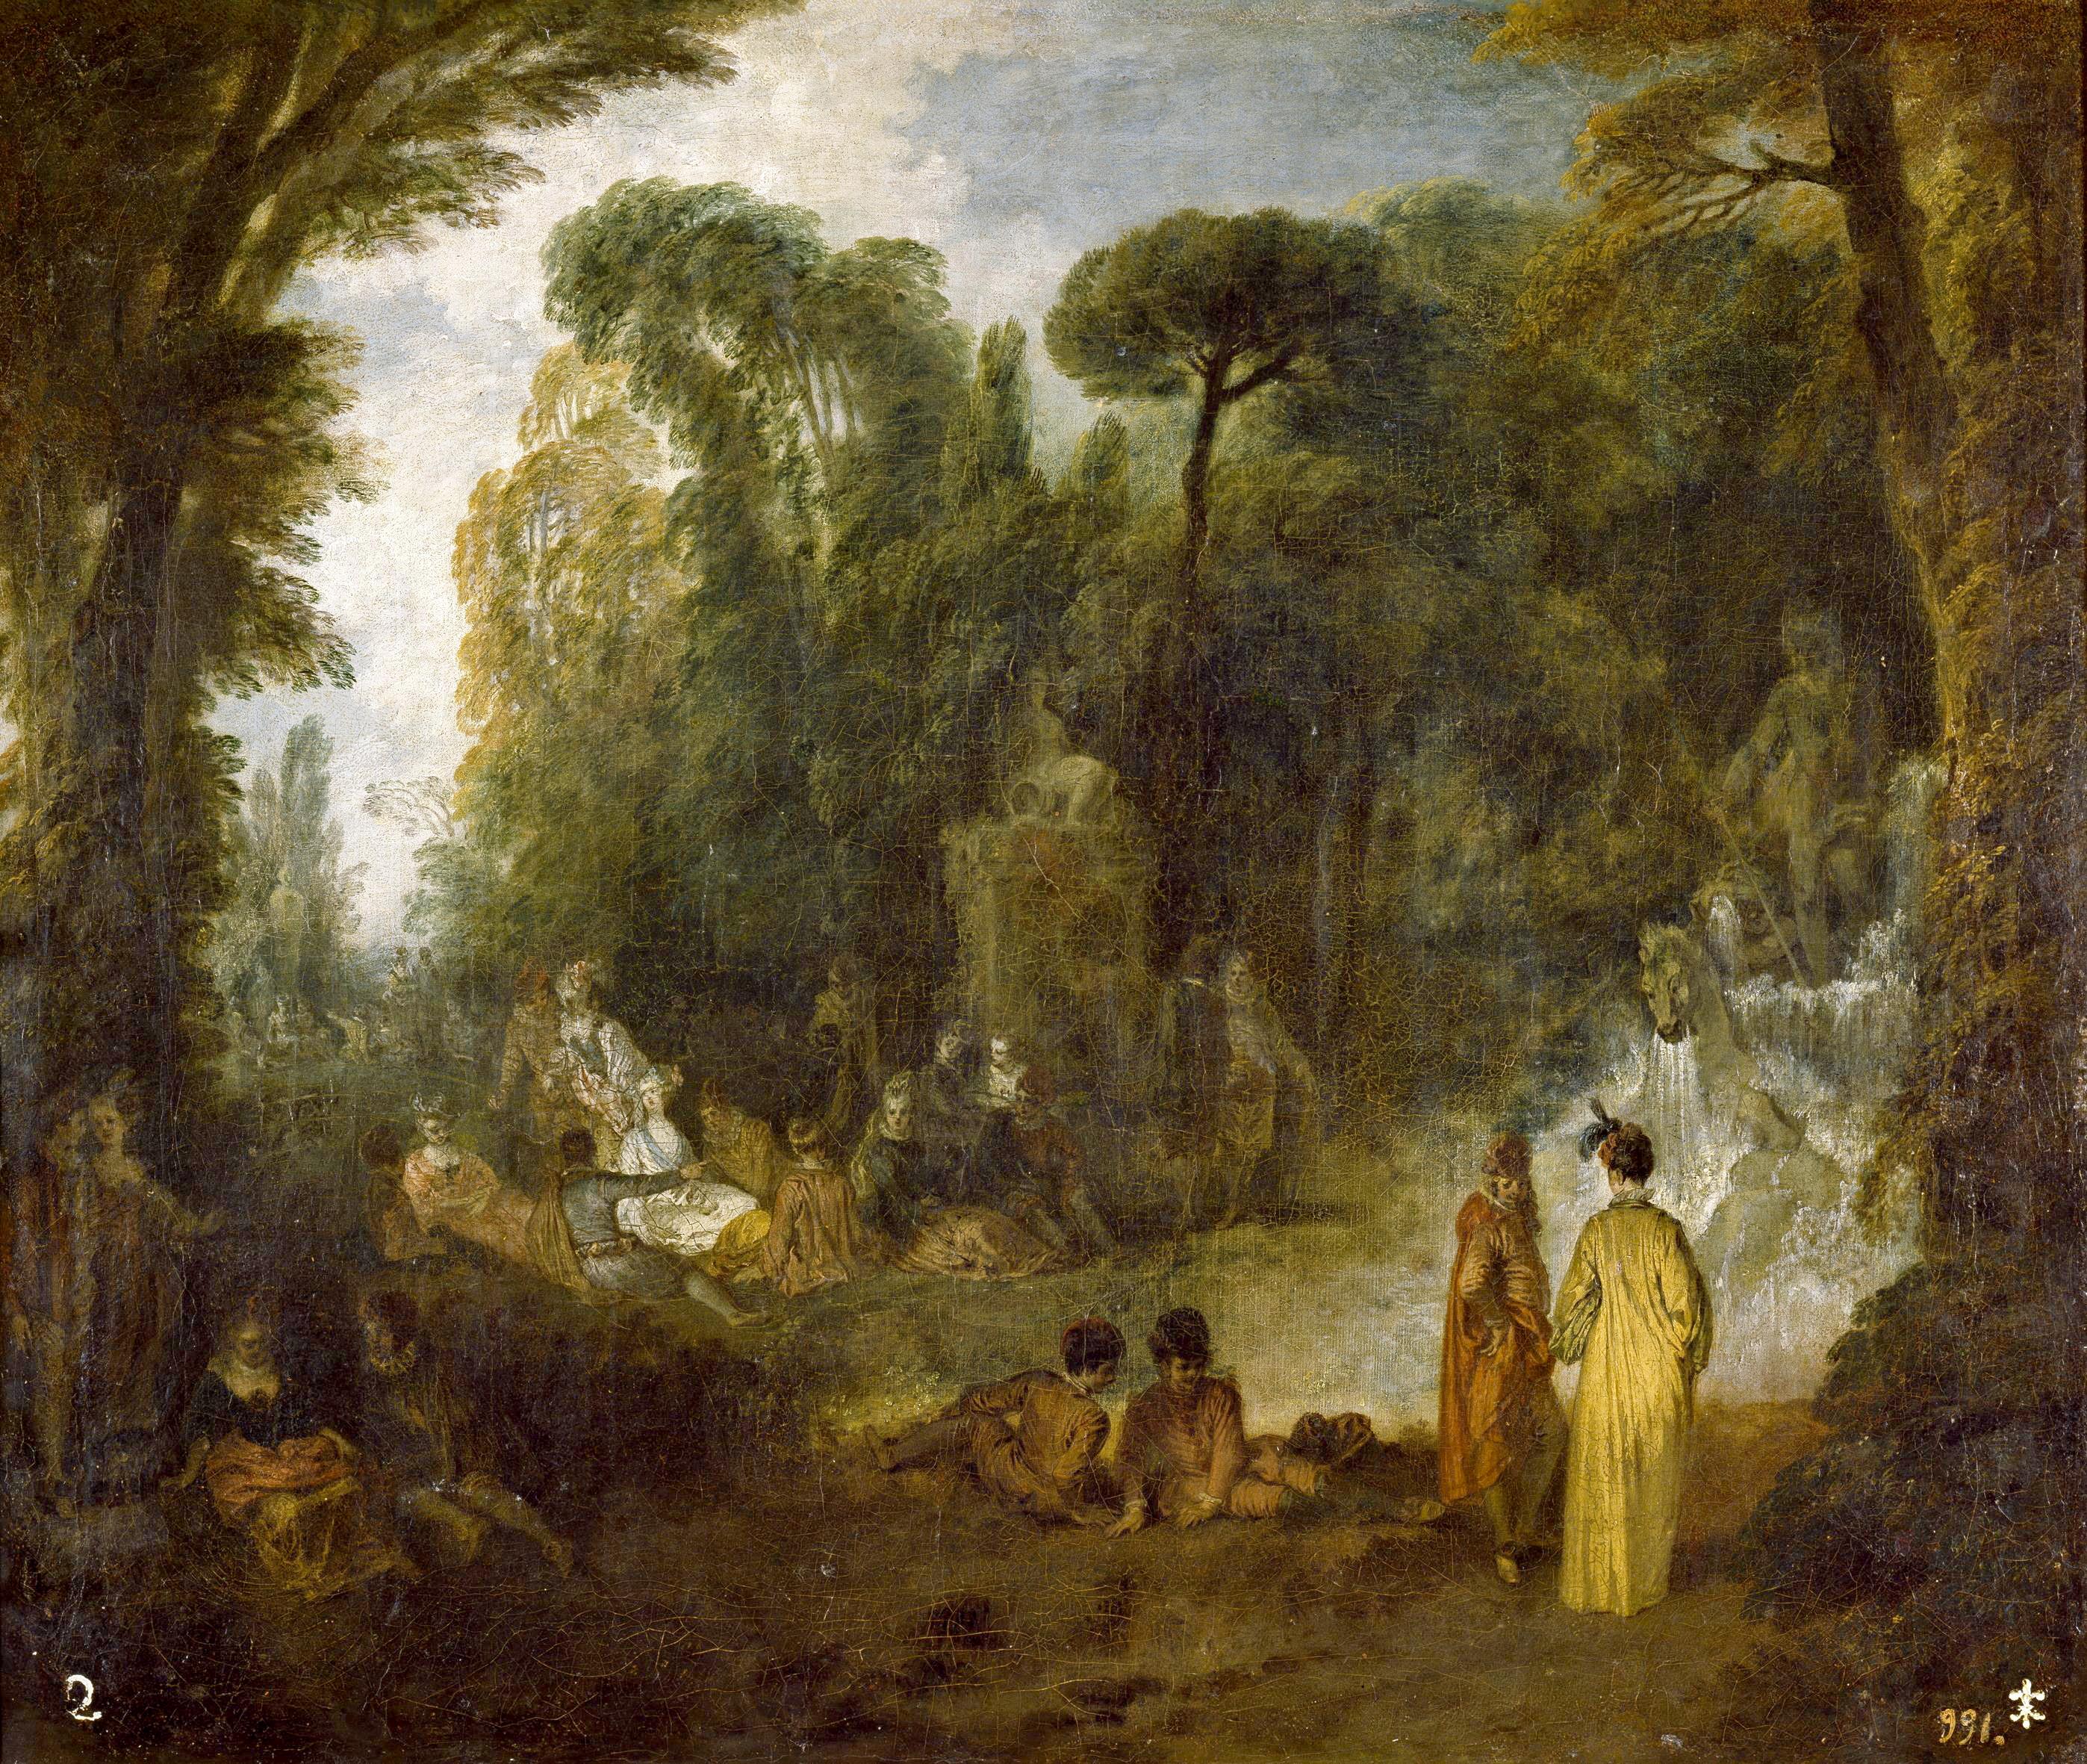 Watteau abecedario l 39 assembl e pr s d une fontaine de neptune - Saint cyprien les jardins de neptune ...